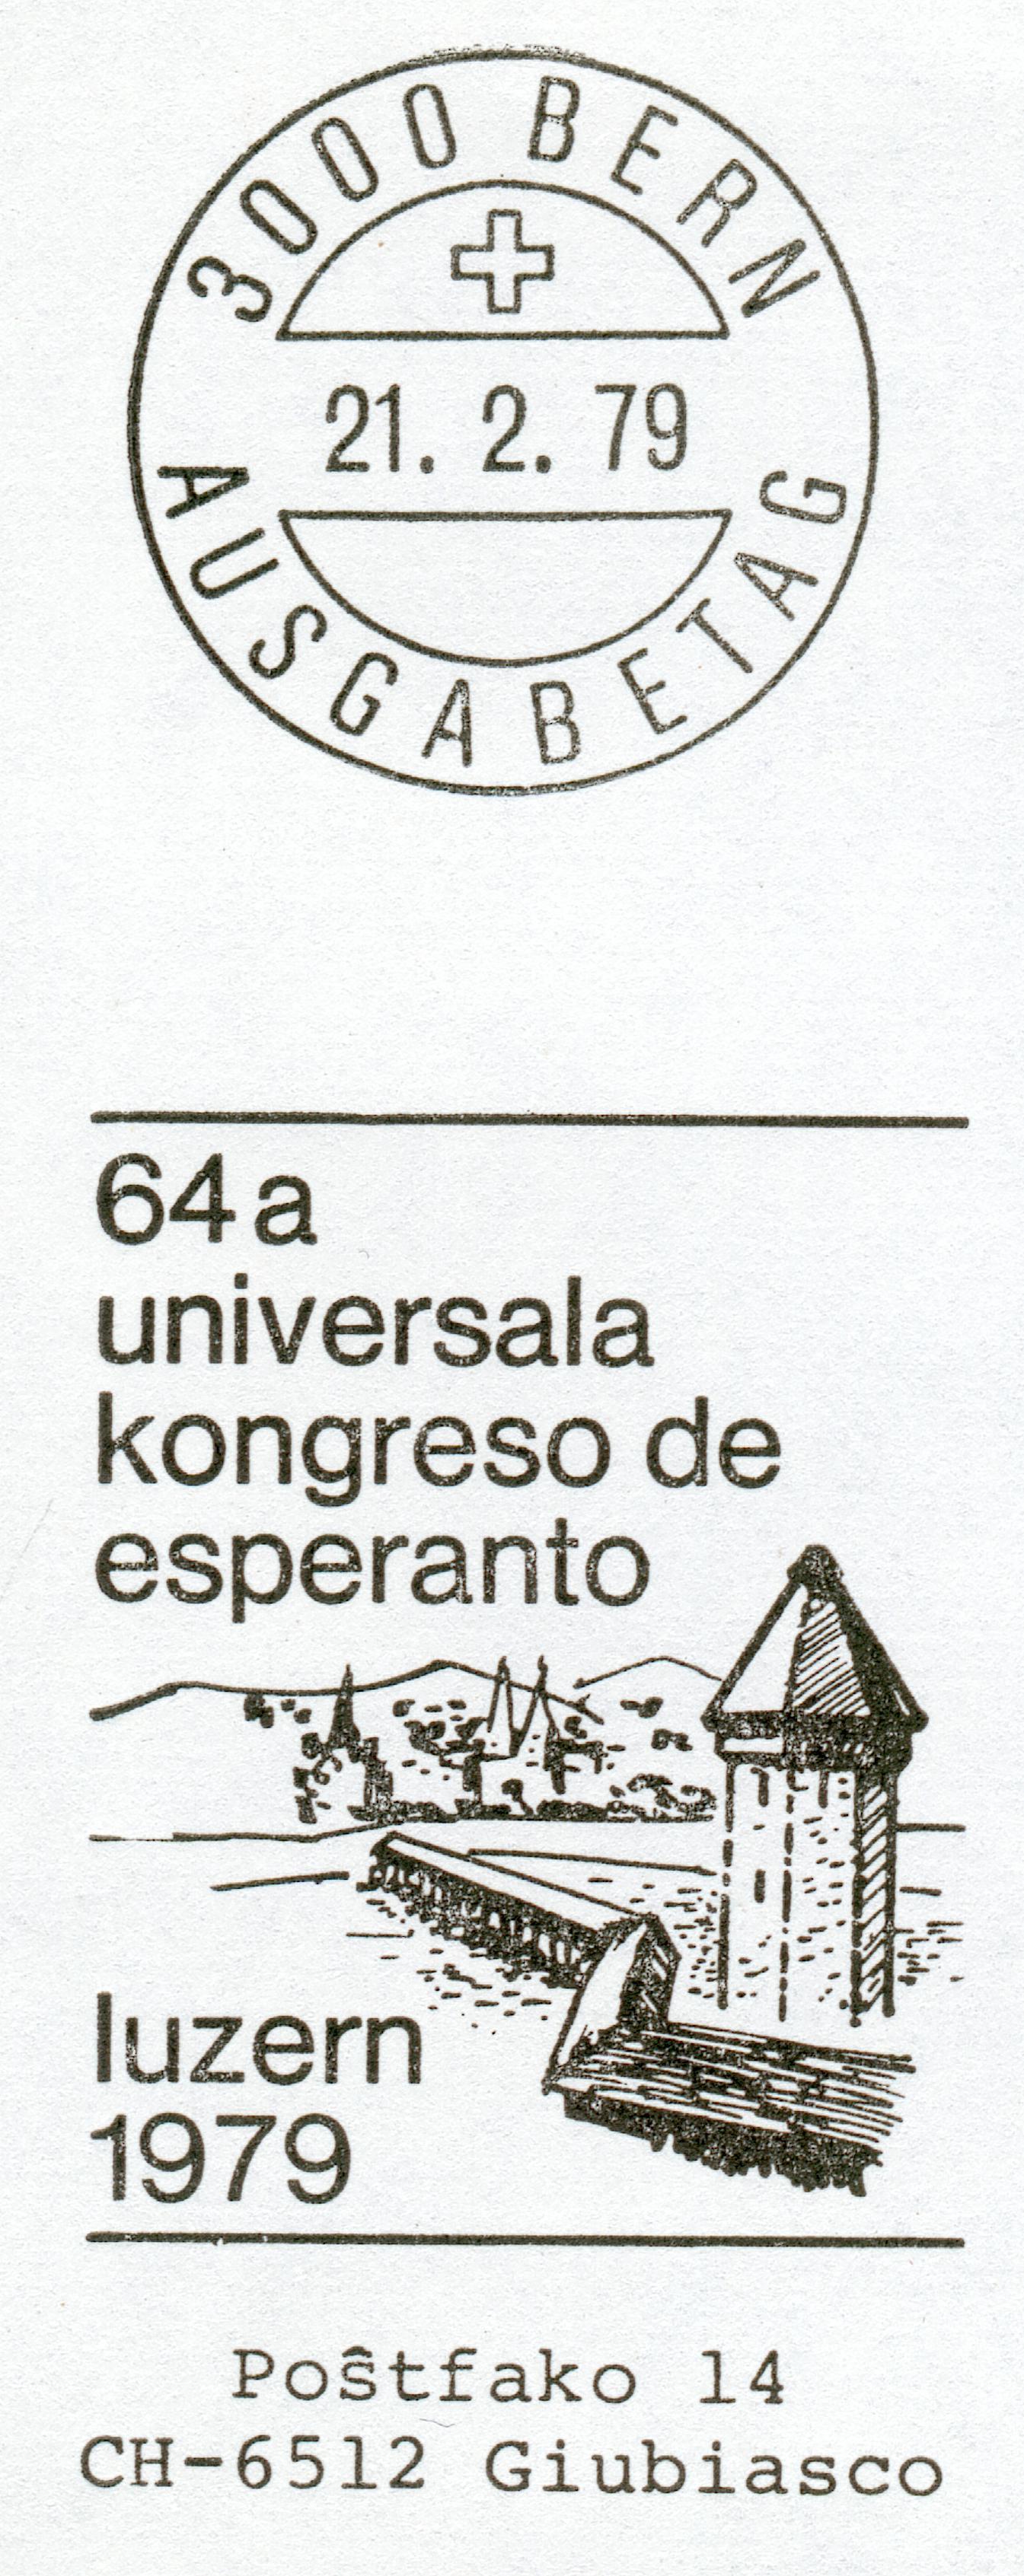 ip58-2.jpg